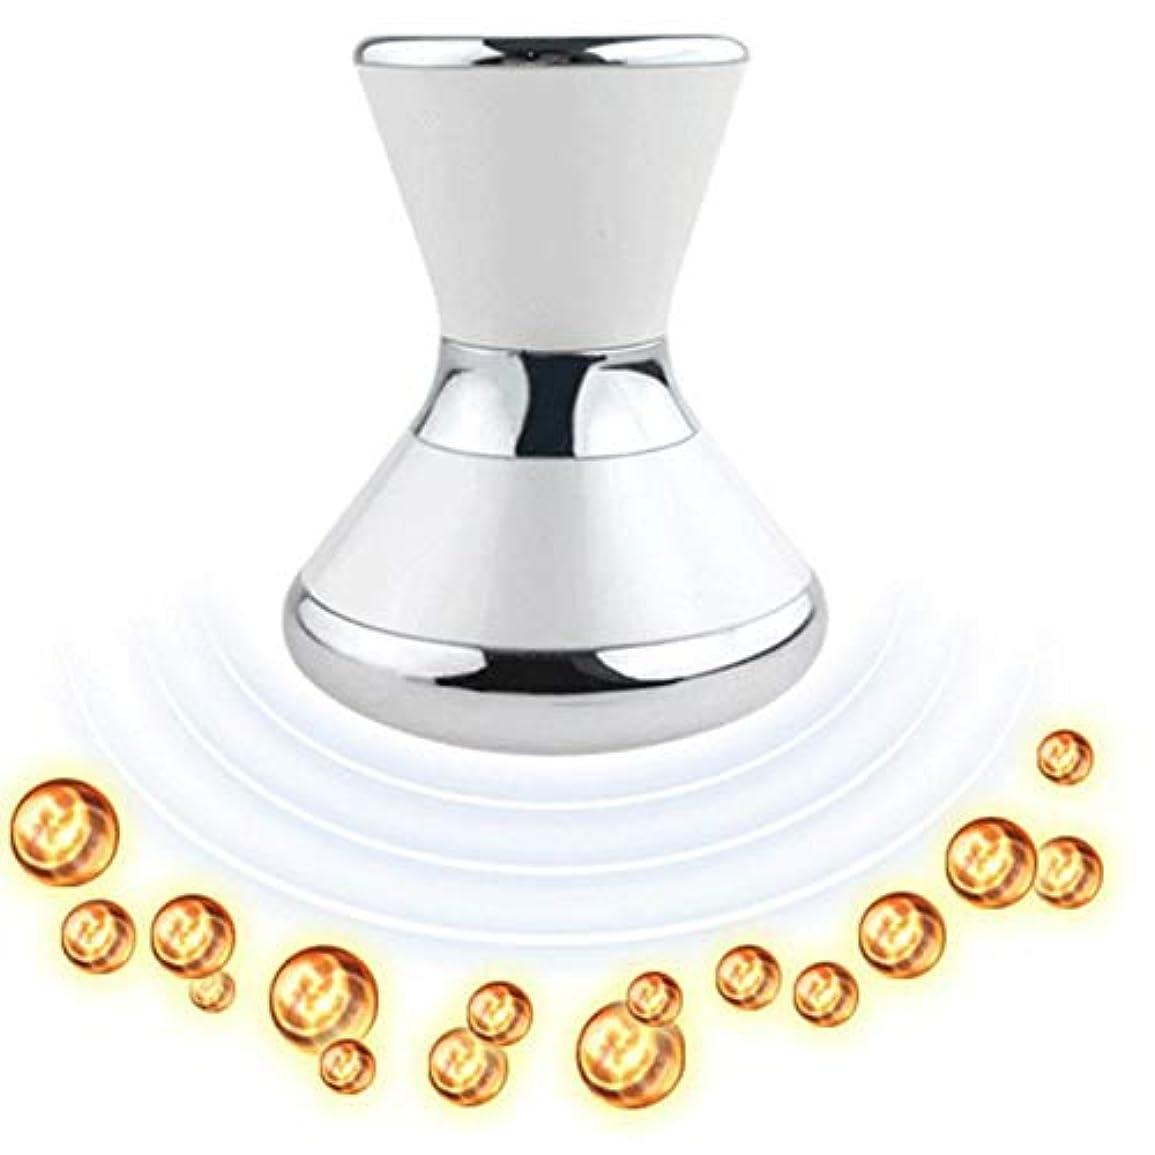 トーストアルコーブディレクター磁気振動美容マッサージ器具、吸収磁気療法フェイシャルマッサージャー美容スキンケアデバイス,銀